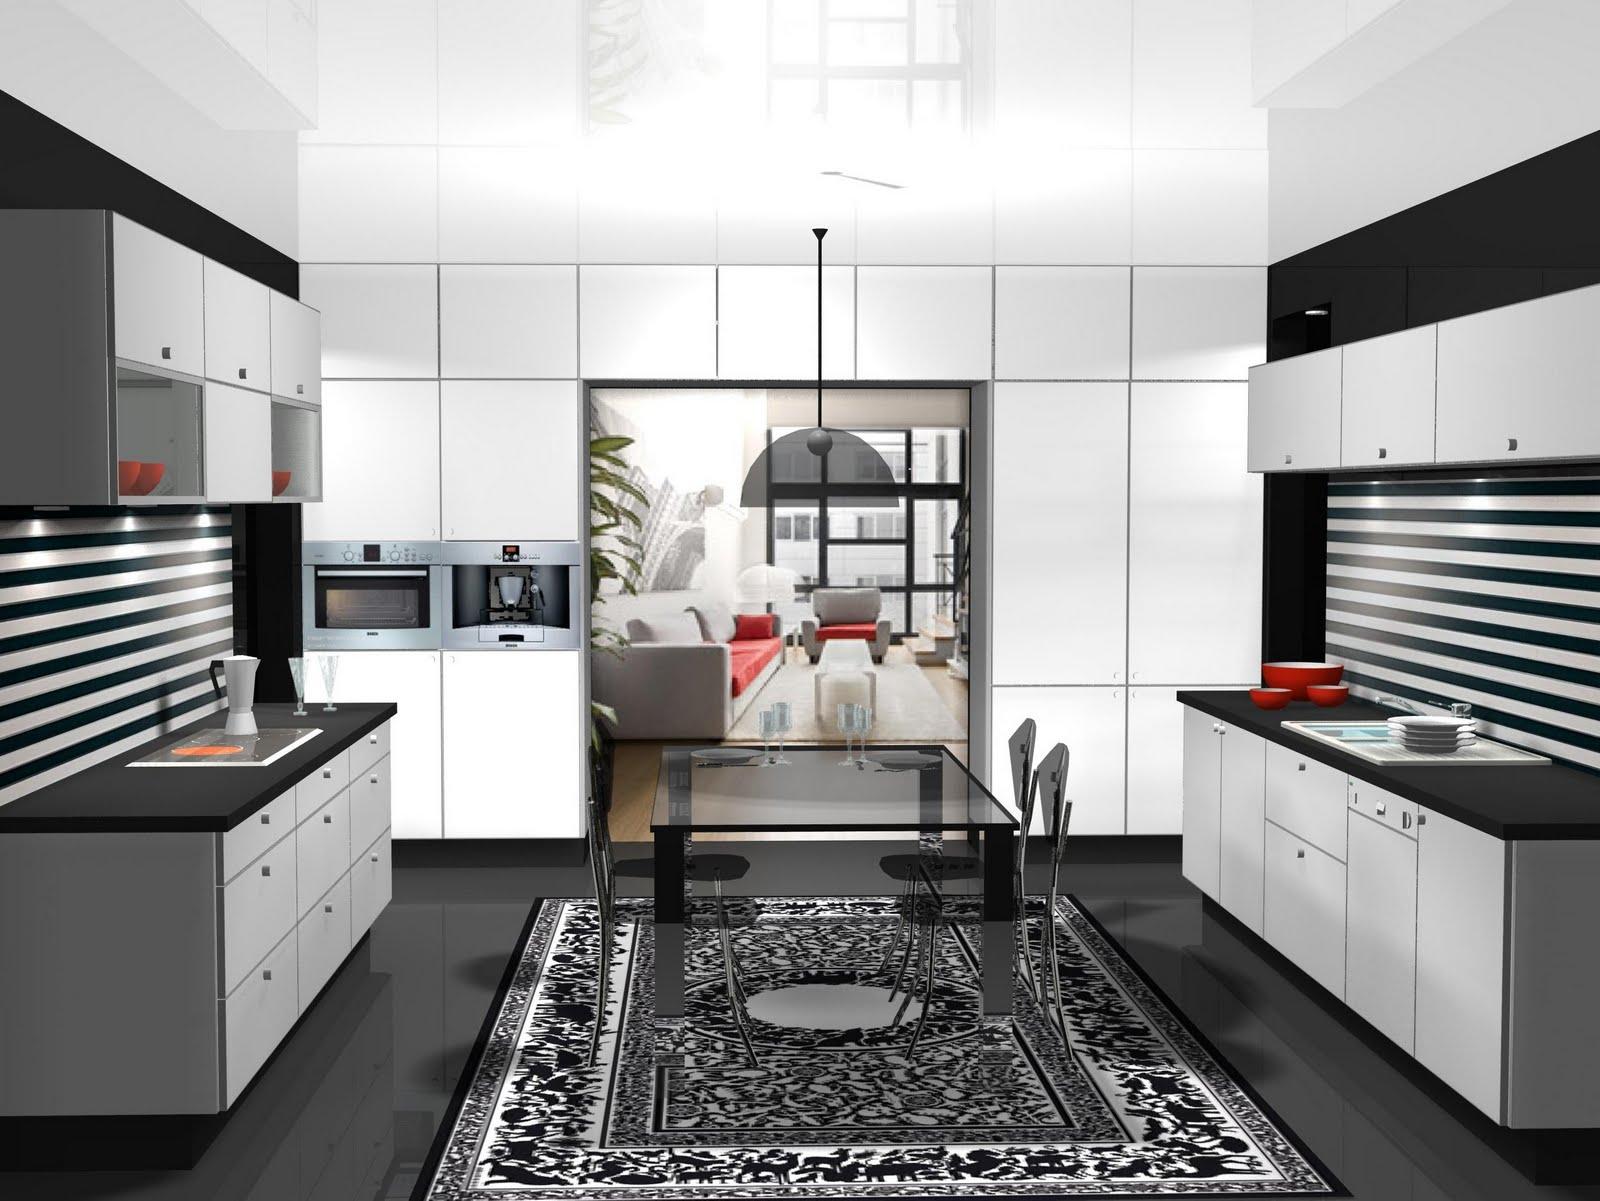 Dise o de cocina en paralelo for Cocinas en paralelo